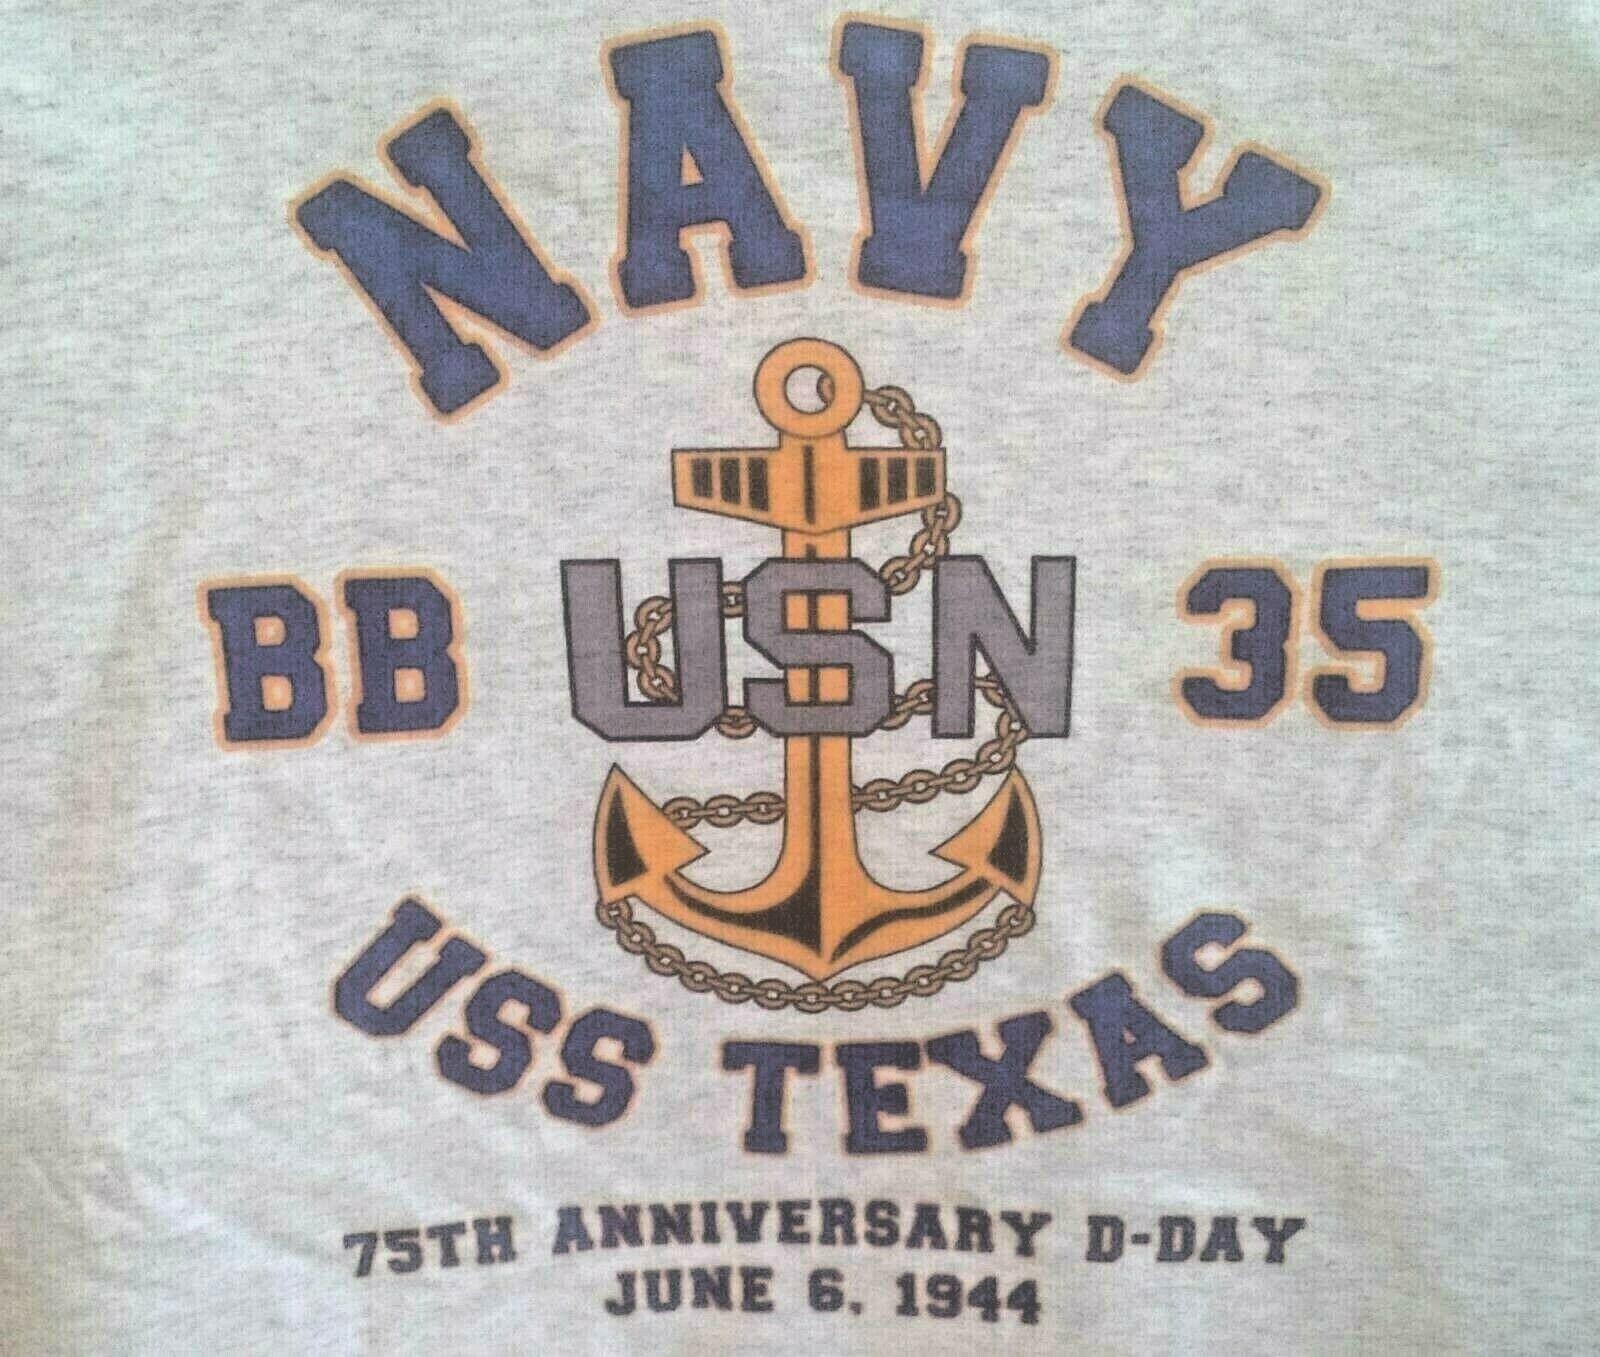 USS NEVADA  BB-36 NORMANDY 1944 WW II VINYL /&SILKSCREEN NAVY ANCHOR SHIRT.